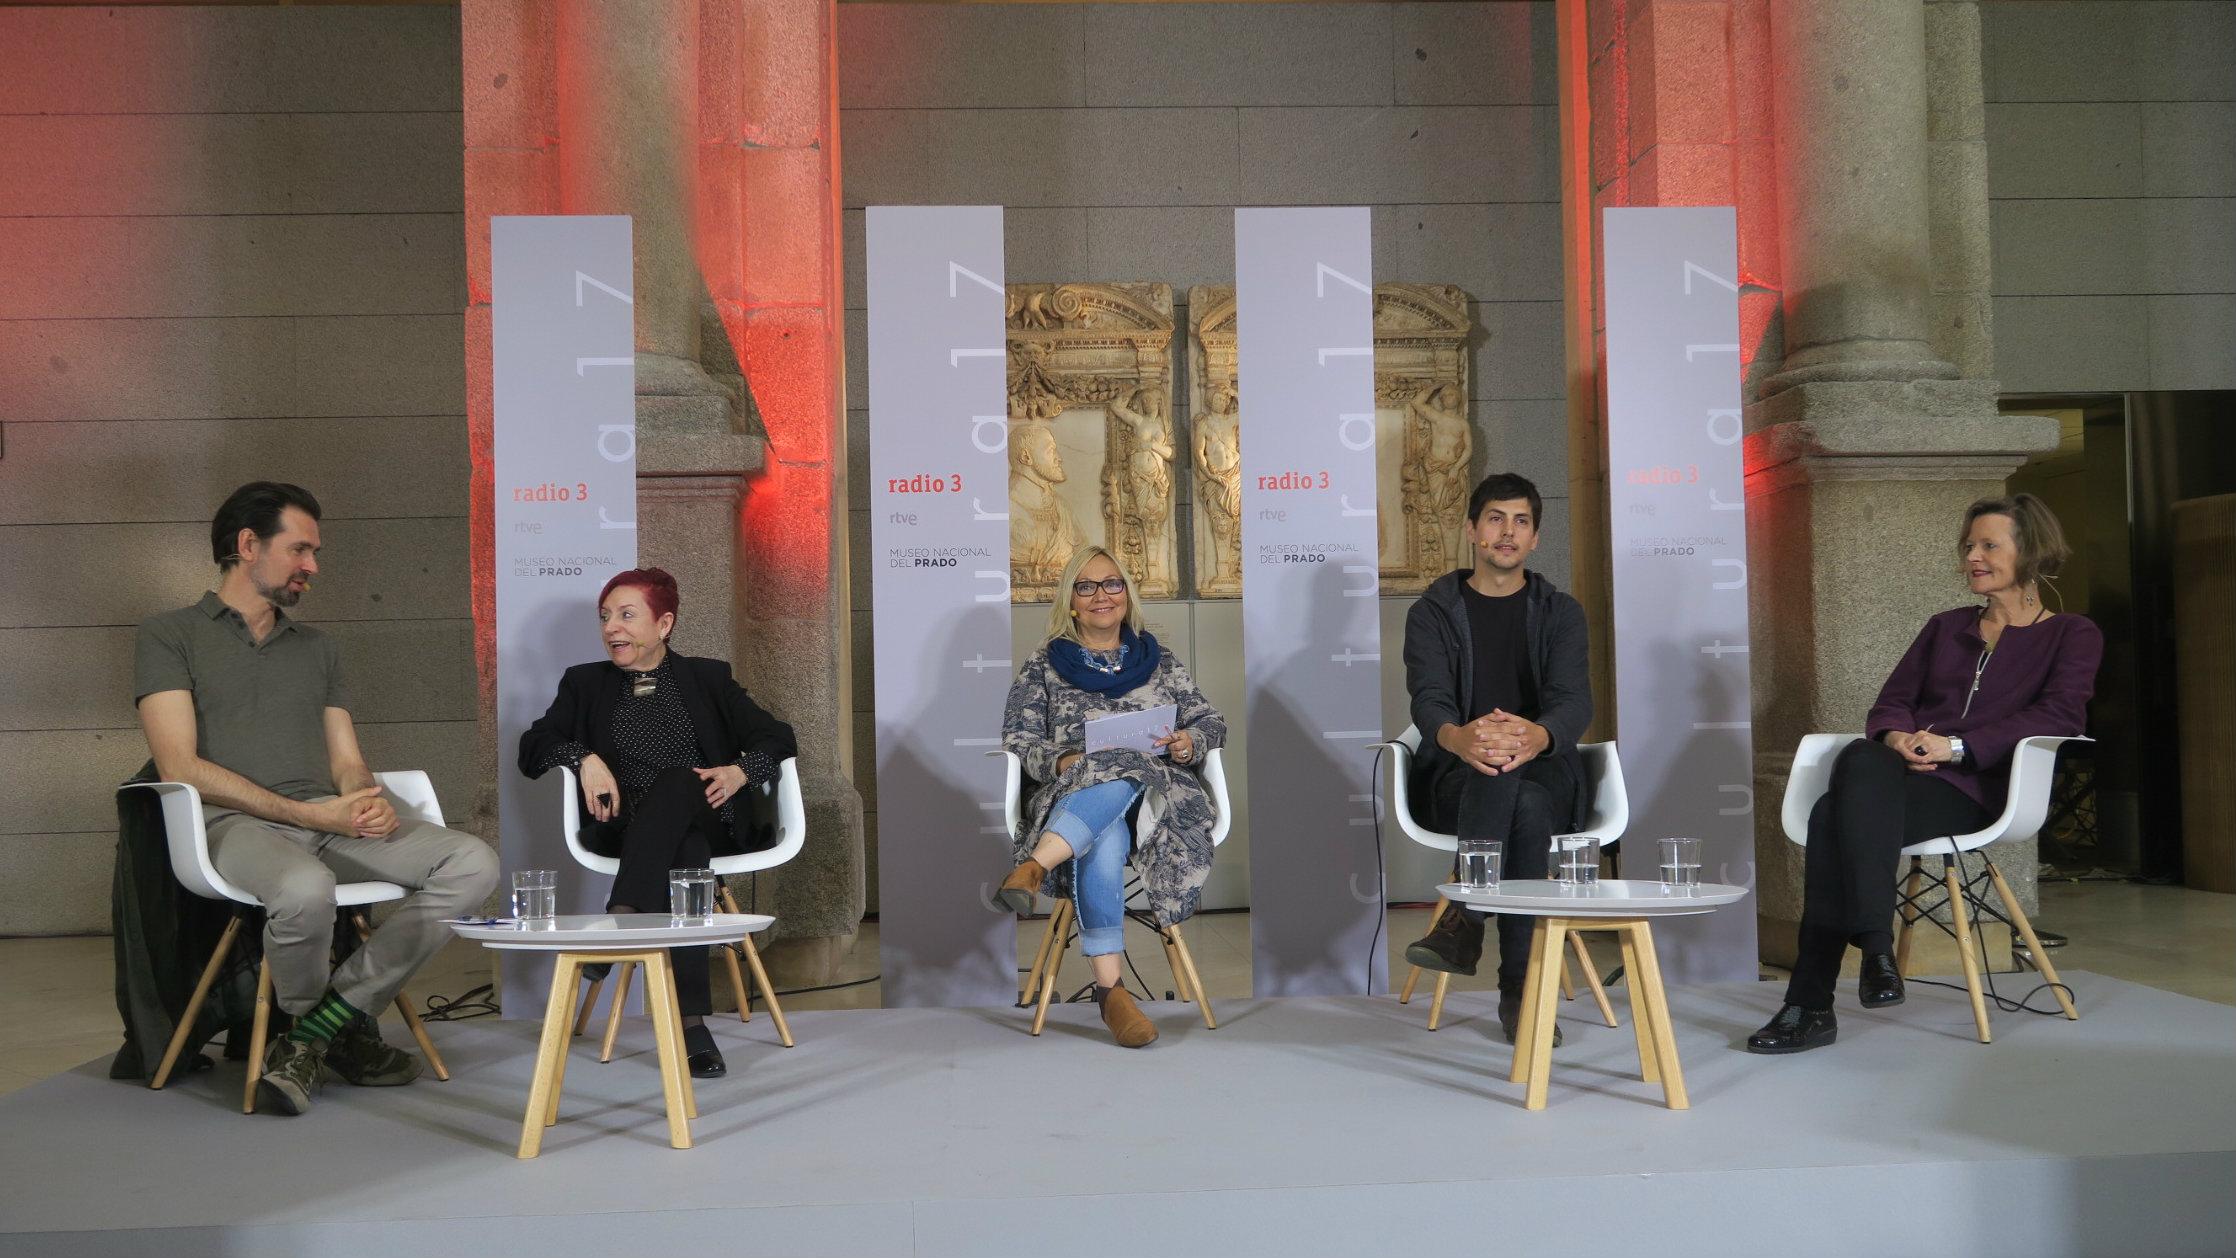 Cultura17 - VÍDEO: Arte post Internet - 19/04/17